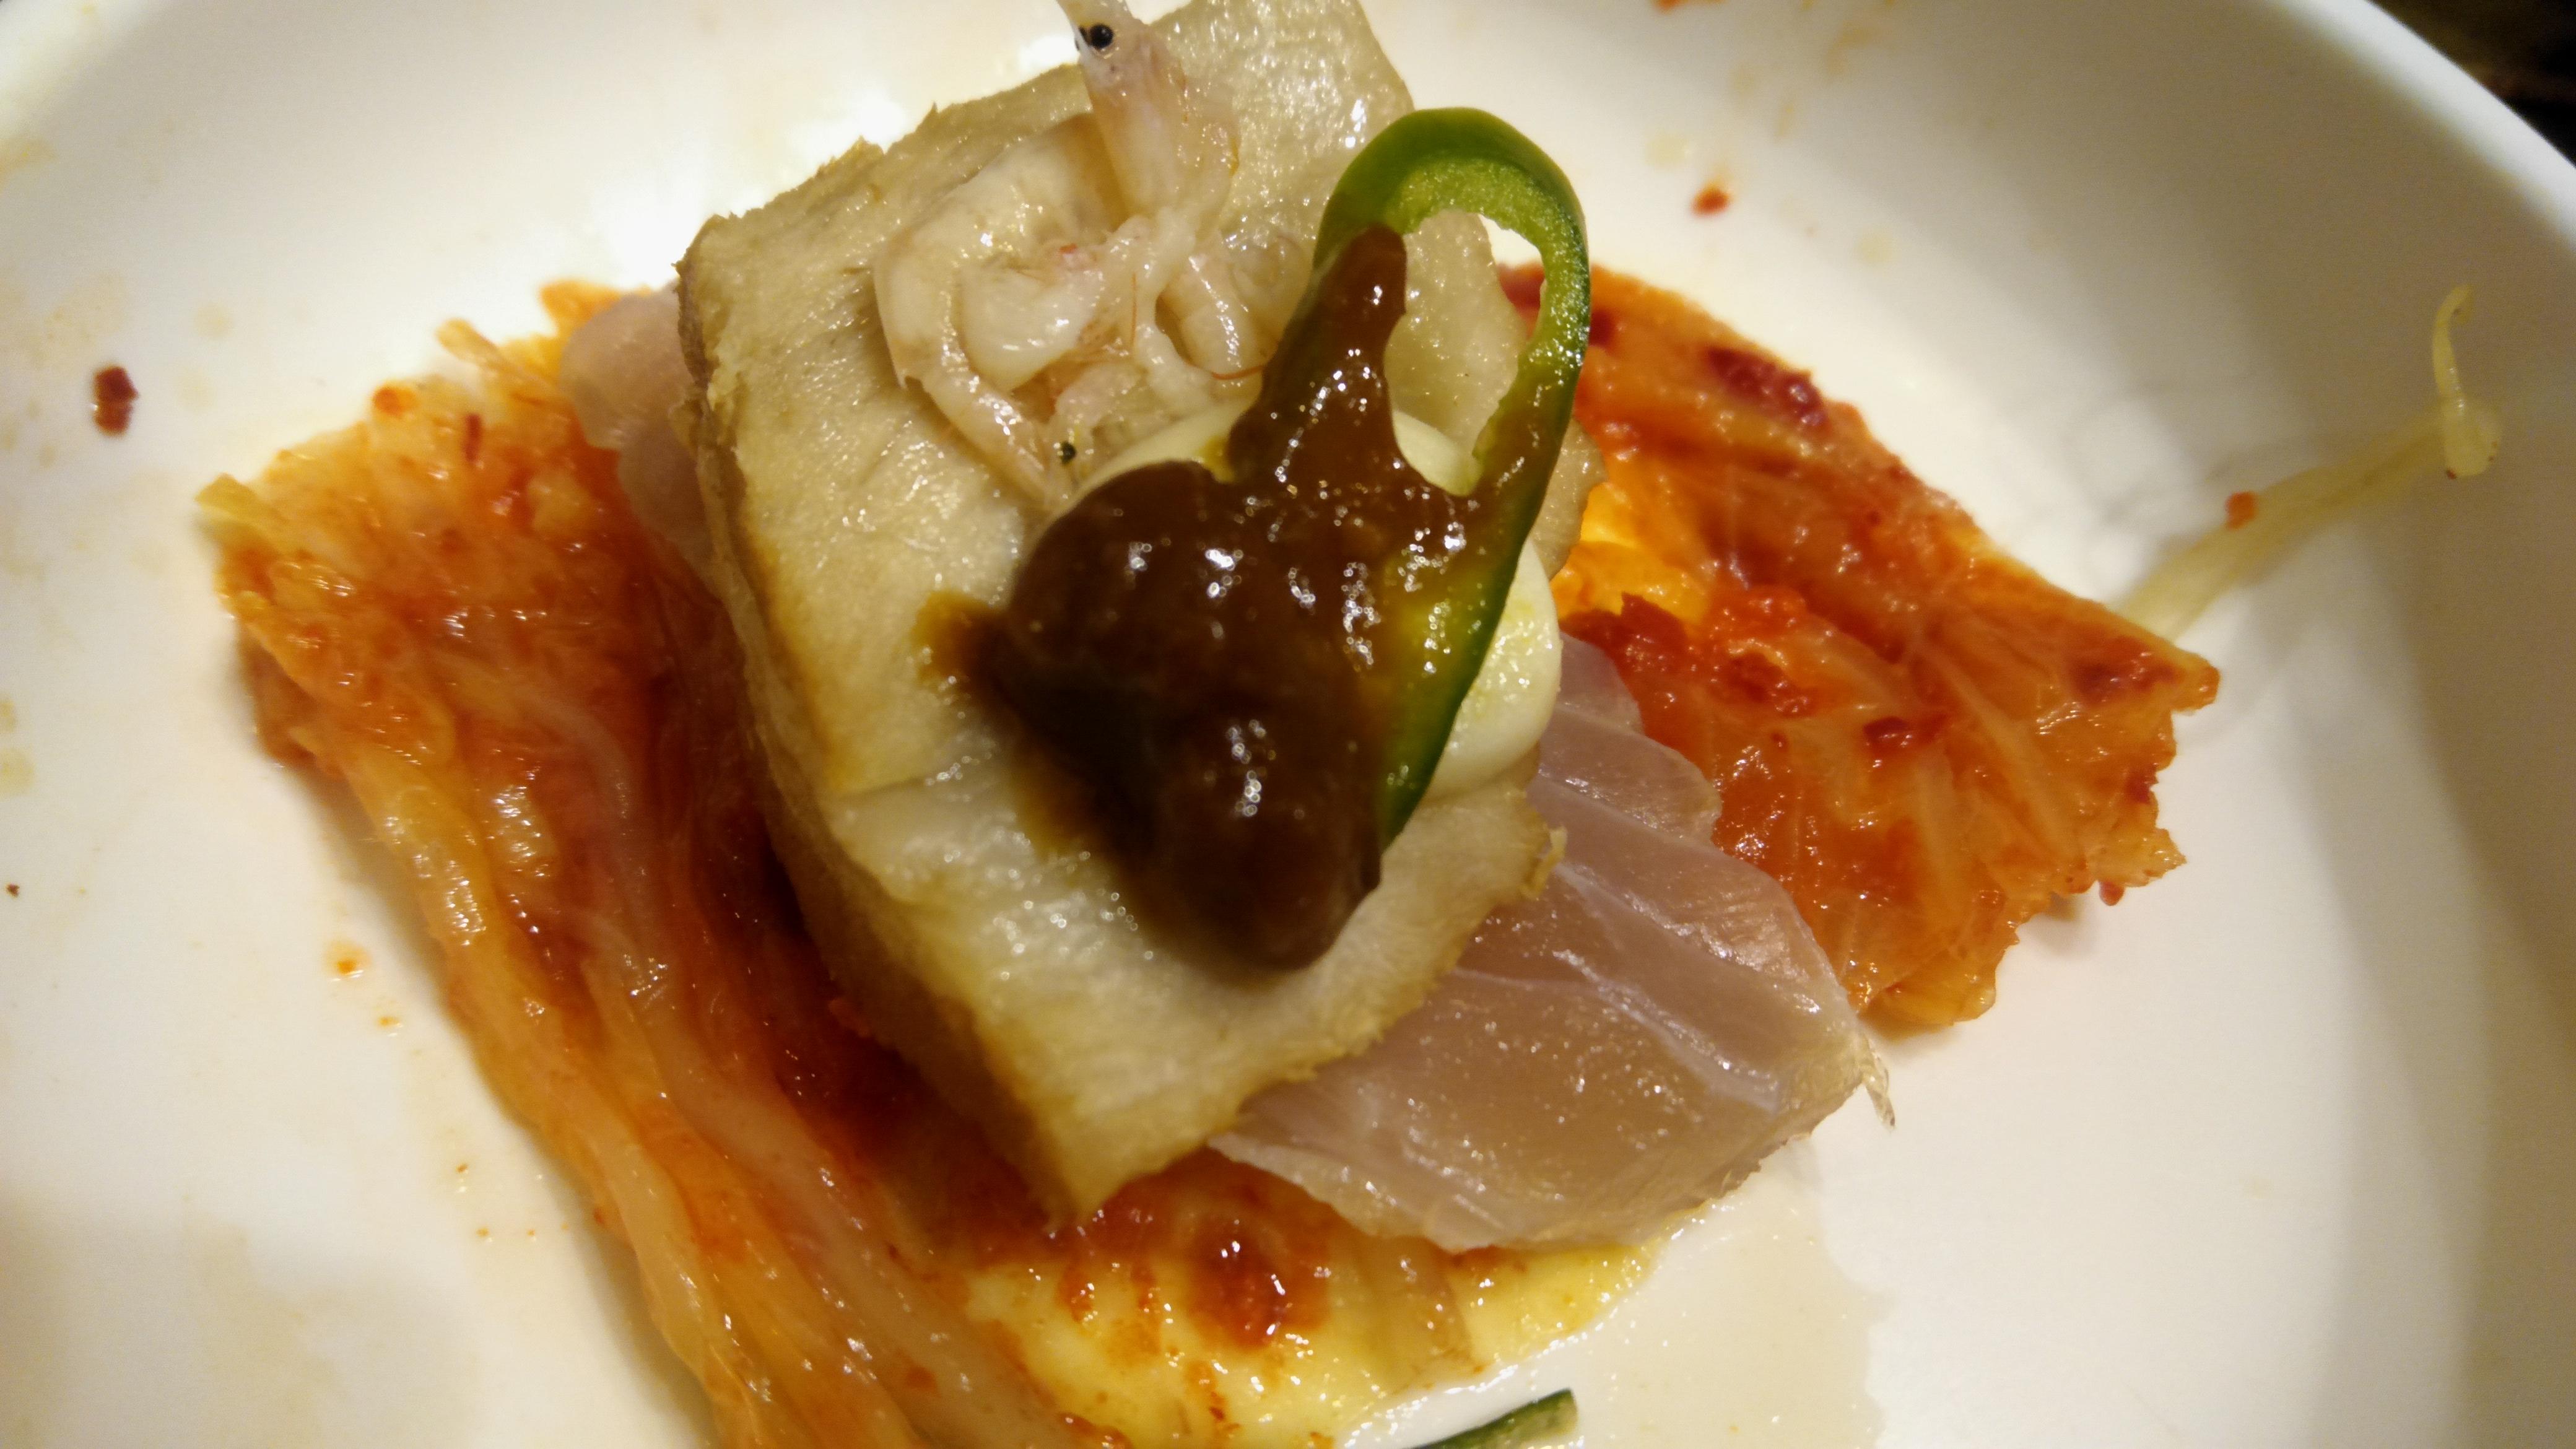 김치 홍어 고기 새우젓 마늘 고추를 쌈싸서